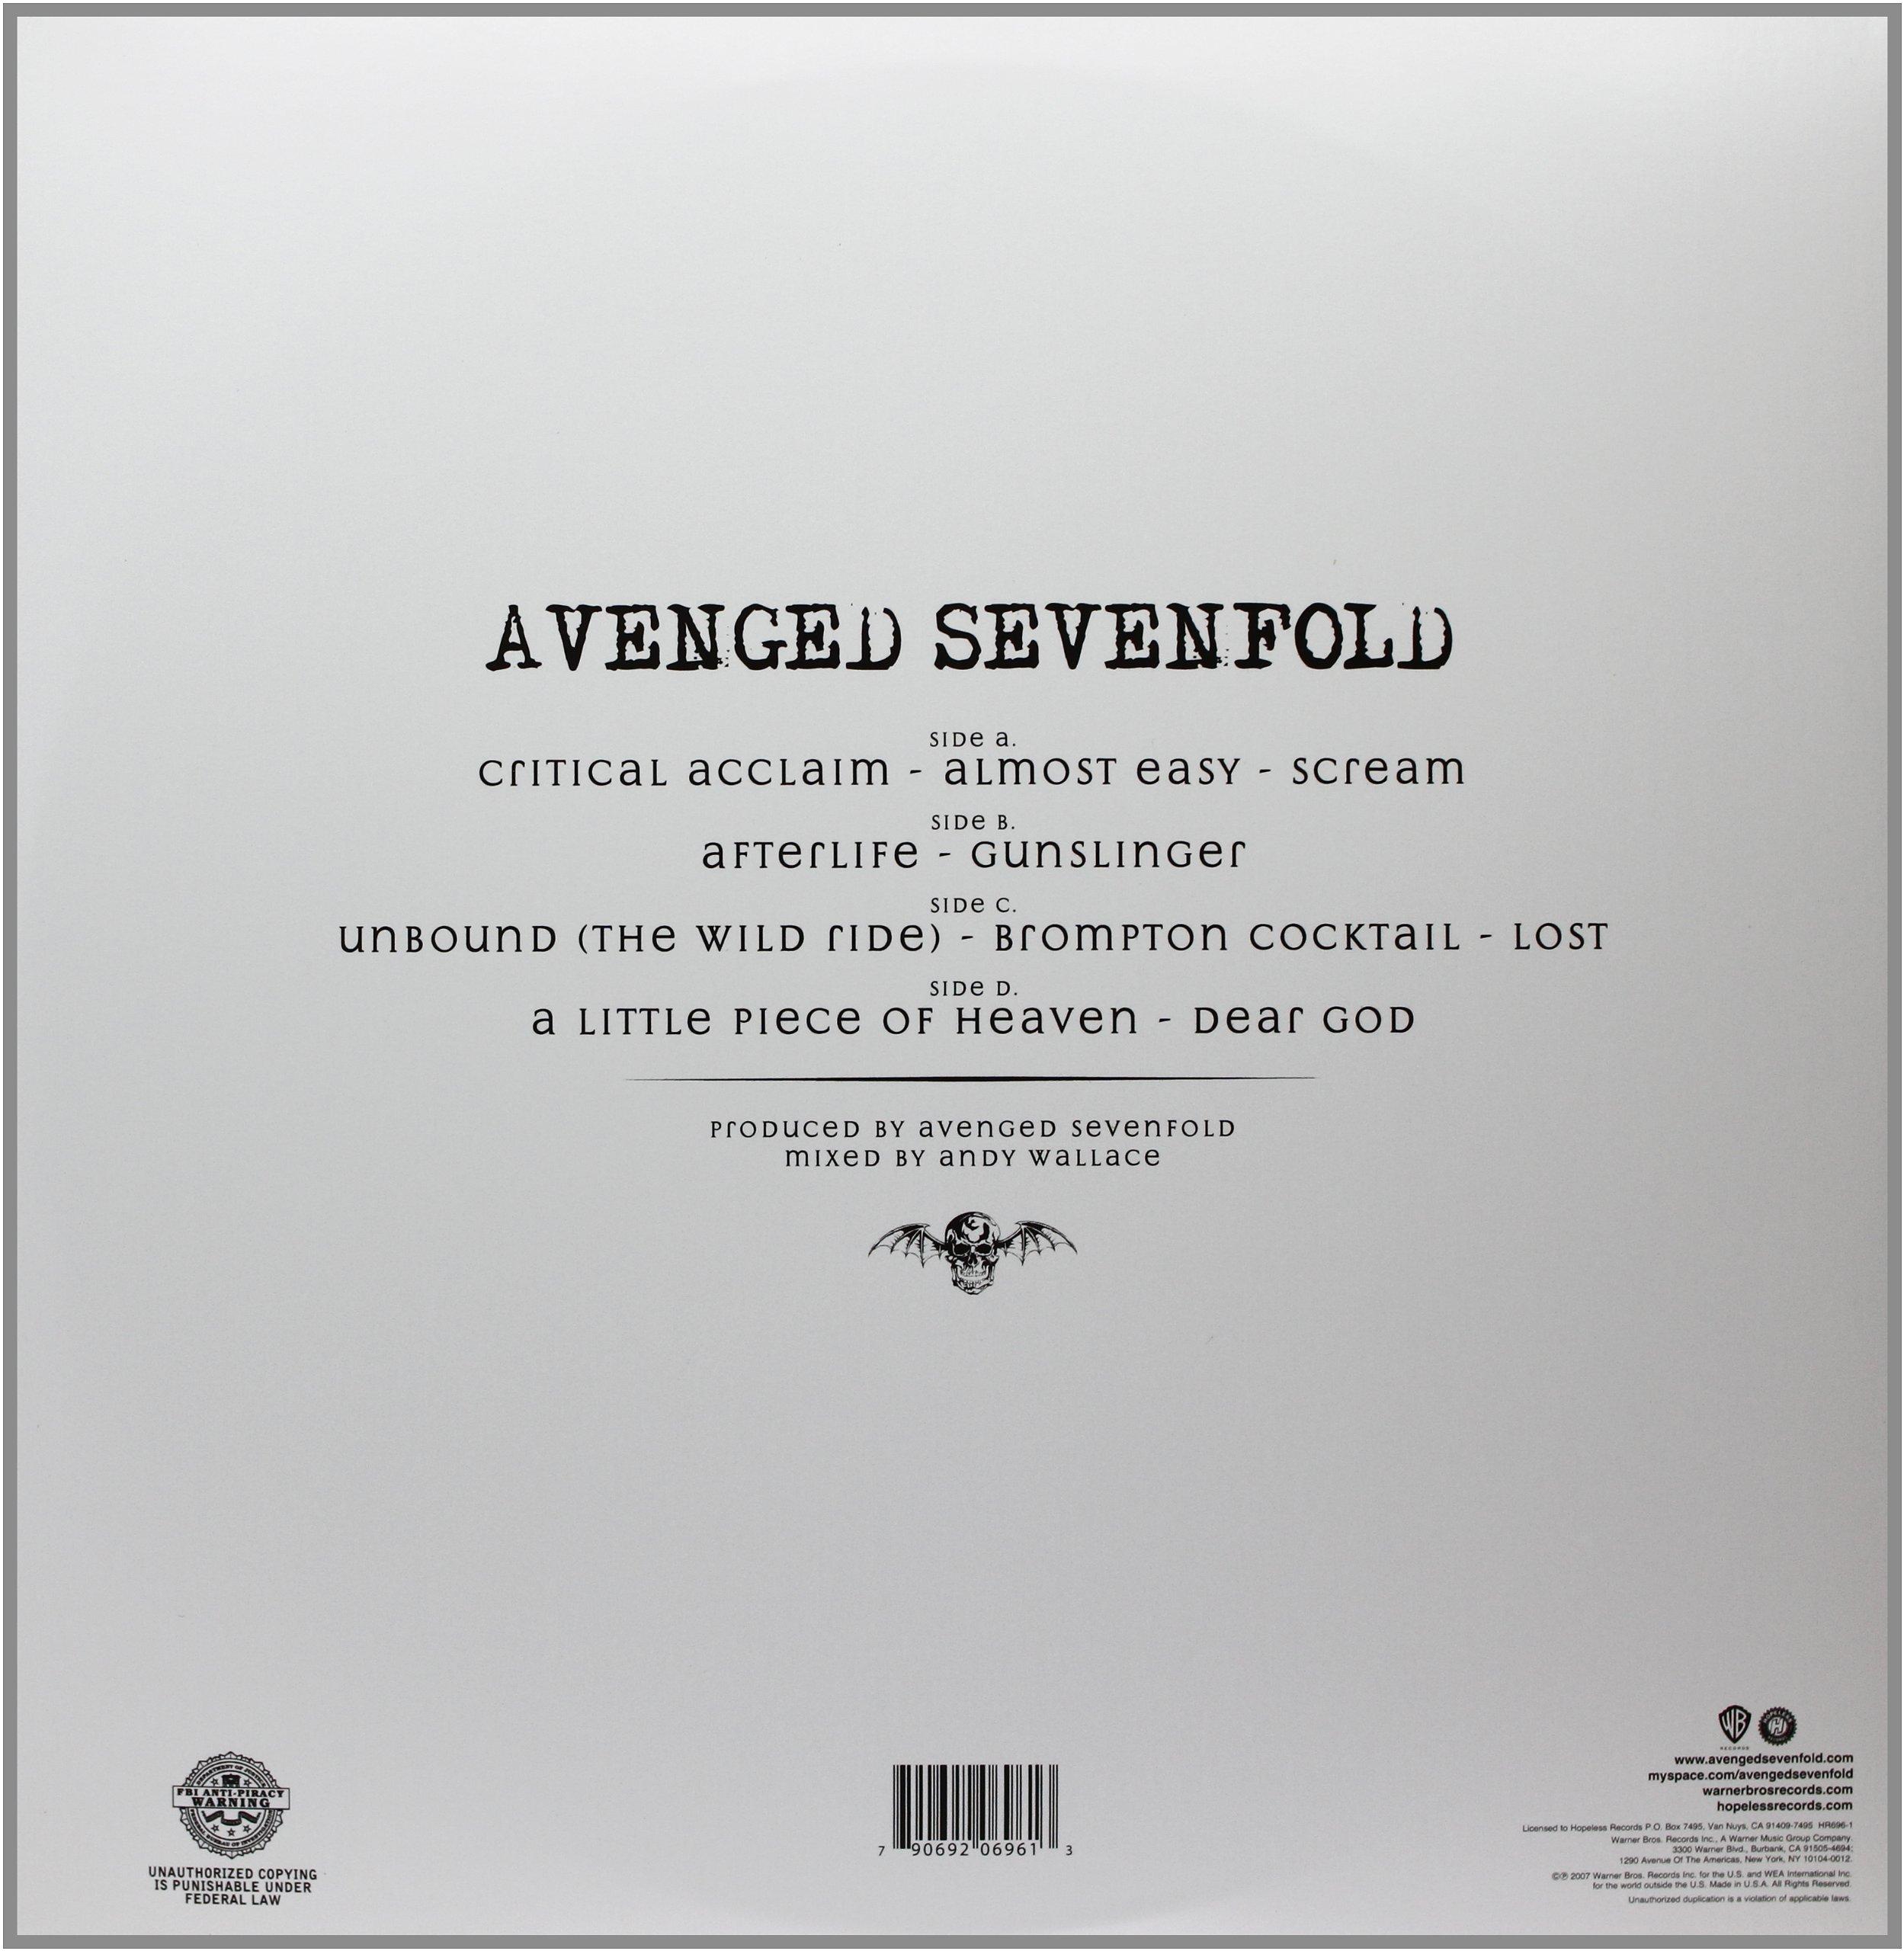 AVENGED SEVENFOLD [Vinyl]